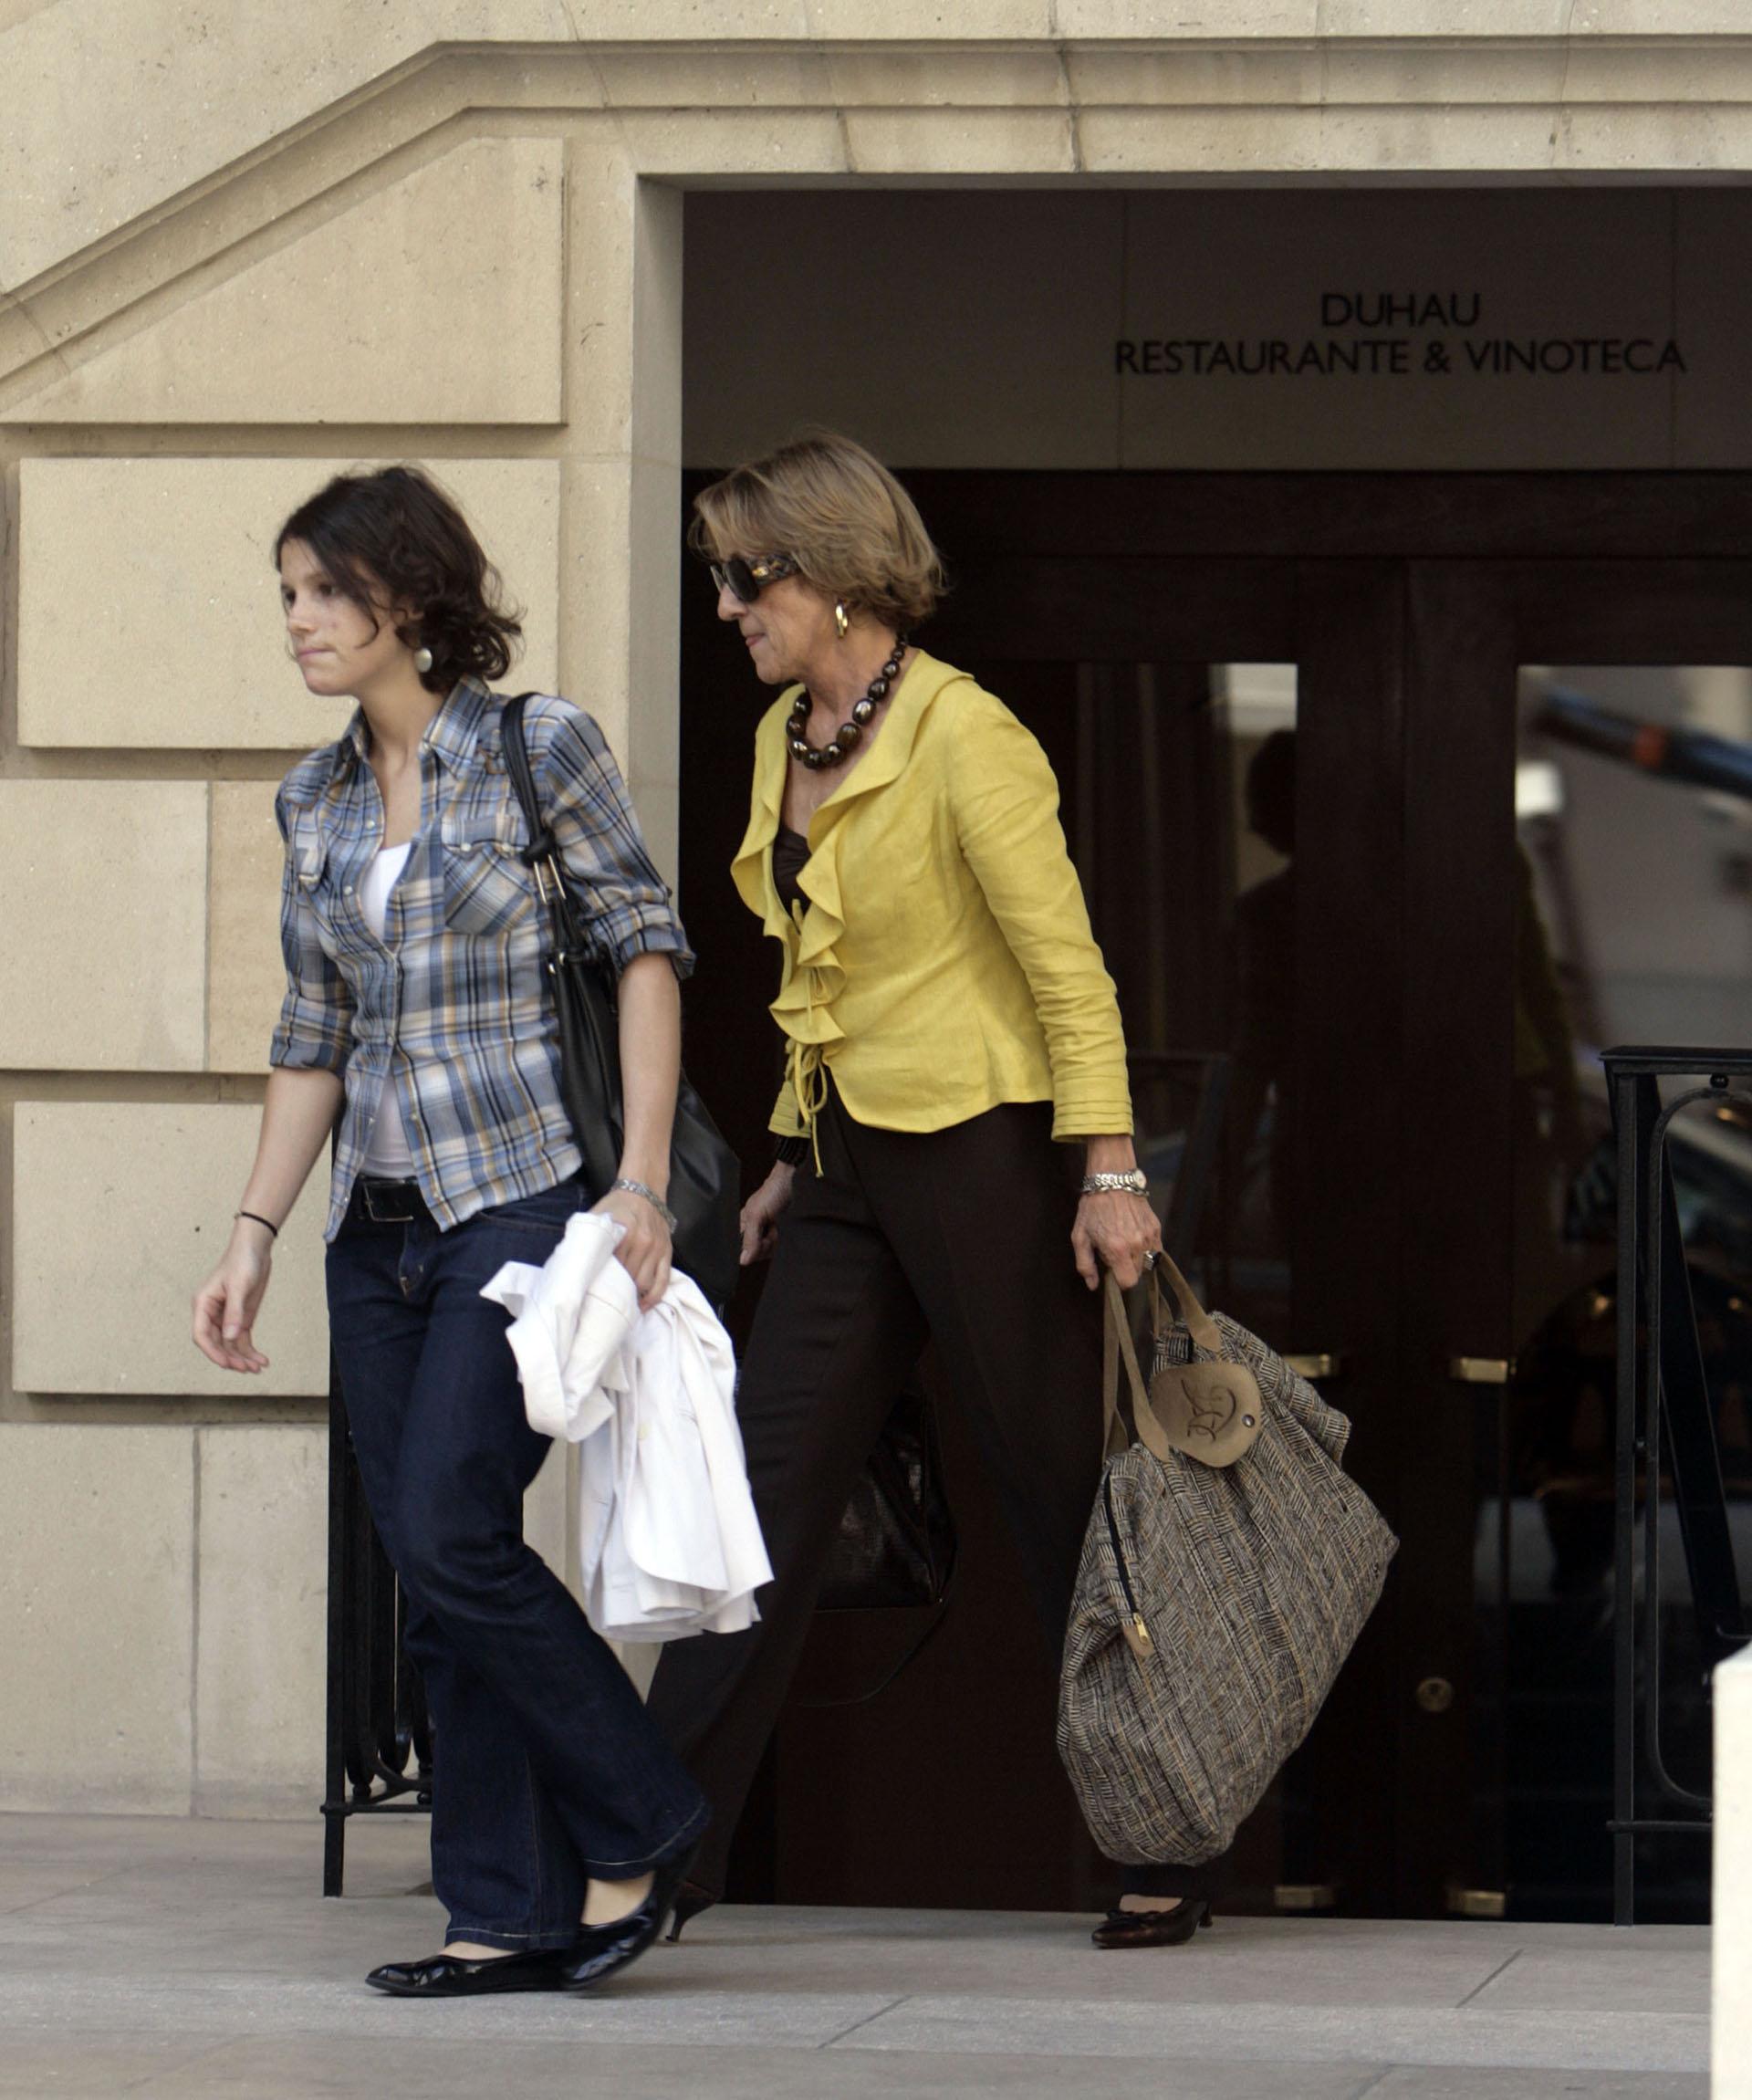 De compras junto a su madre, María del Carmen Cerruti. Ellas tenían una buena relacióny solían salir juntas a almorzar. La jovencita era querida en su círculo social y de trabajo (PikoPress)